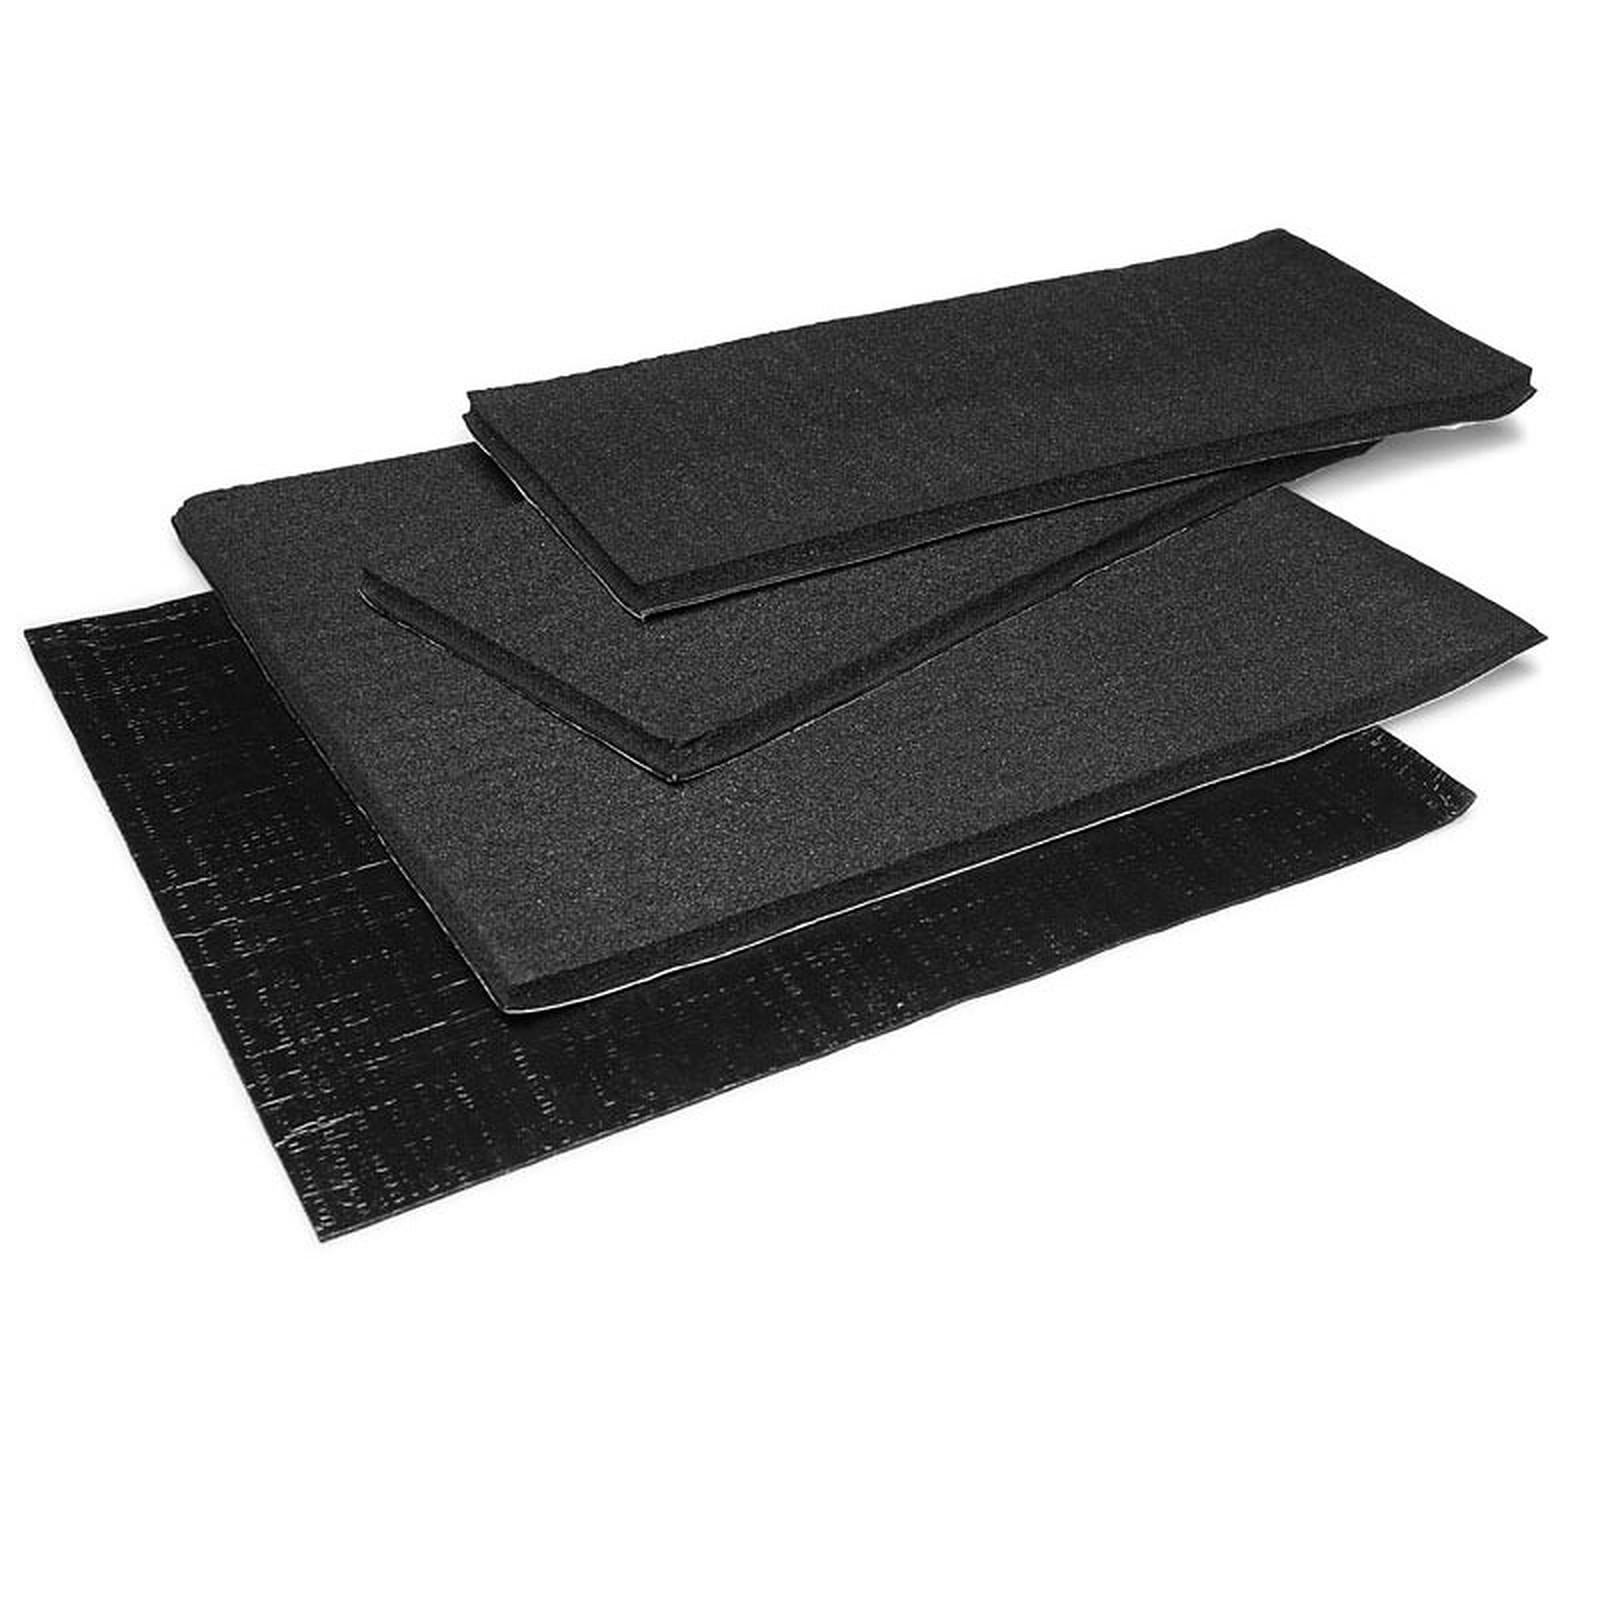 Fractal Design - Kit absorbeur de bruit